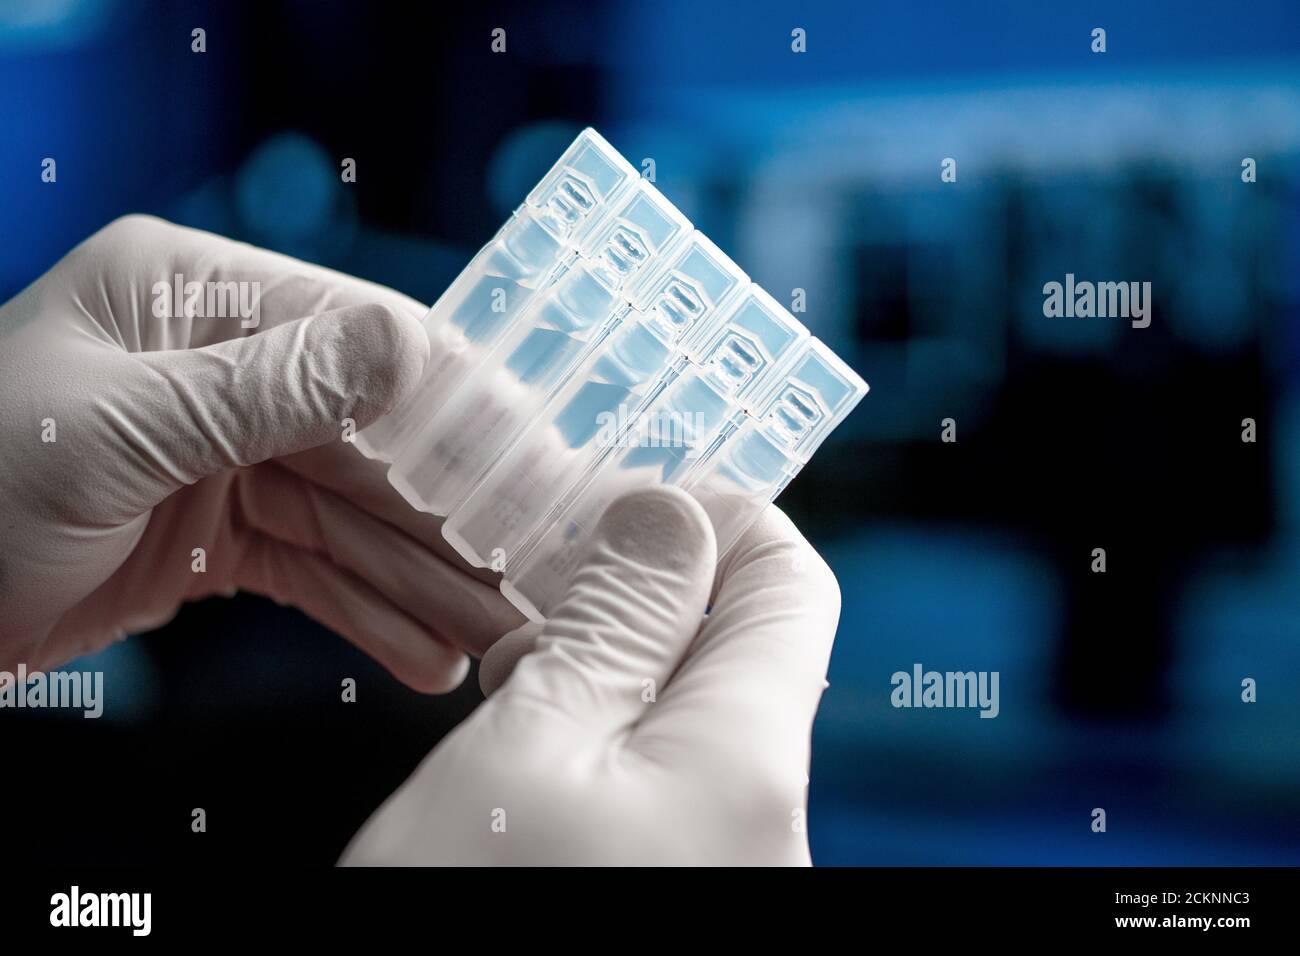 Médecin ou scientifique qui a un vaccin pour injection à partir du coronavirus du SRAS, 2019-nCoV. Recherche sur les vaccins et essai clinique en médecine. Prévention, Immuniza Banque D'Images